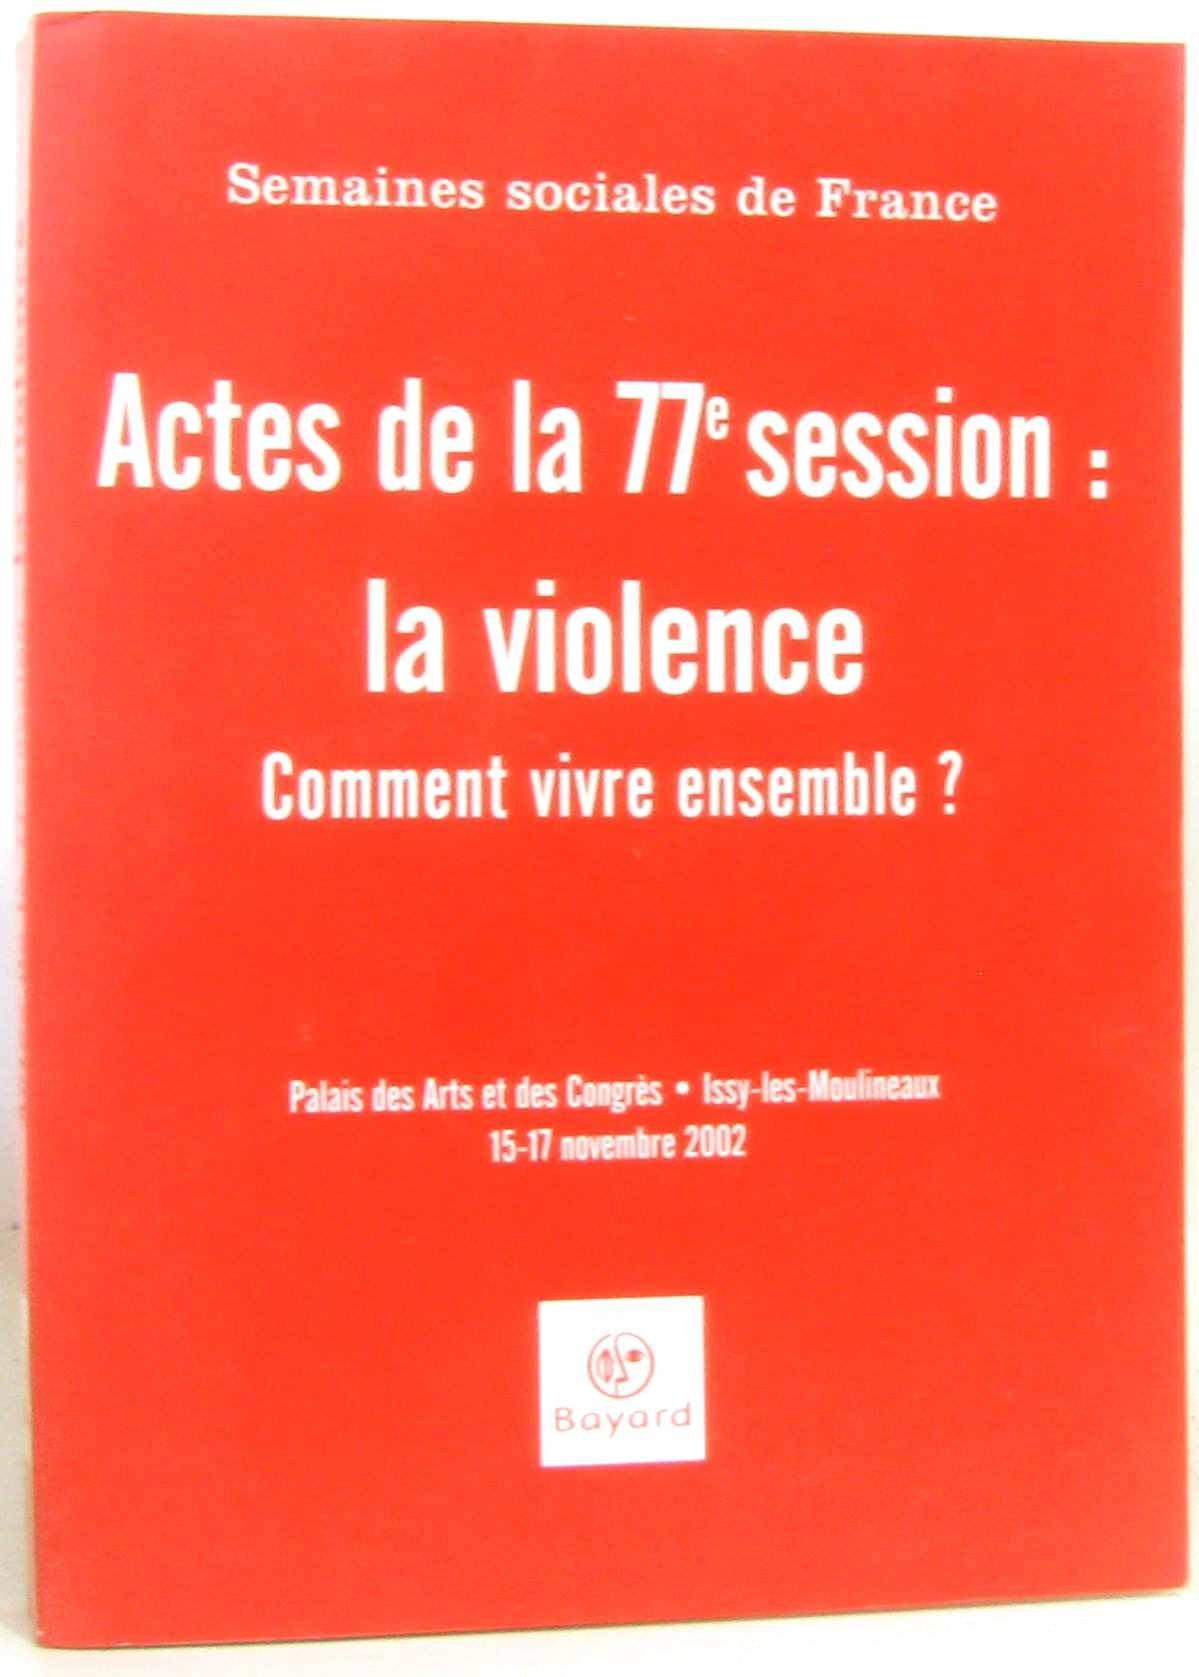 Download La violence. Comment vivre ensemble ? Actes de la 77ème session des Semaines sociales de France, Issy-les-Moulineaux, 15-17 novembre 2002 (French Edition) pdf